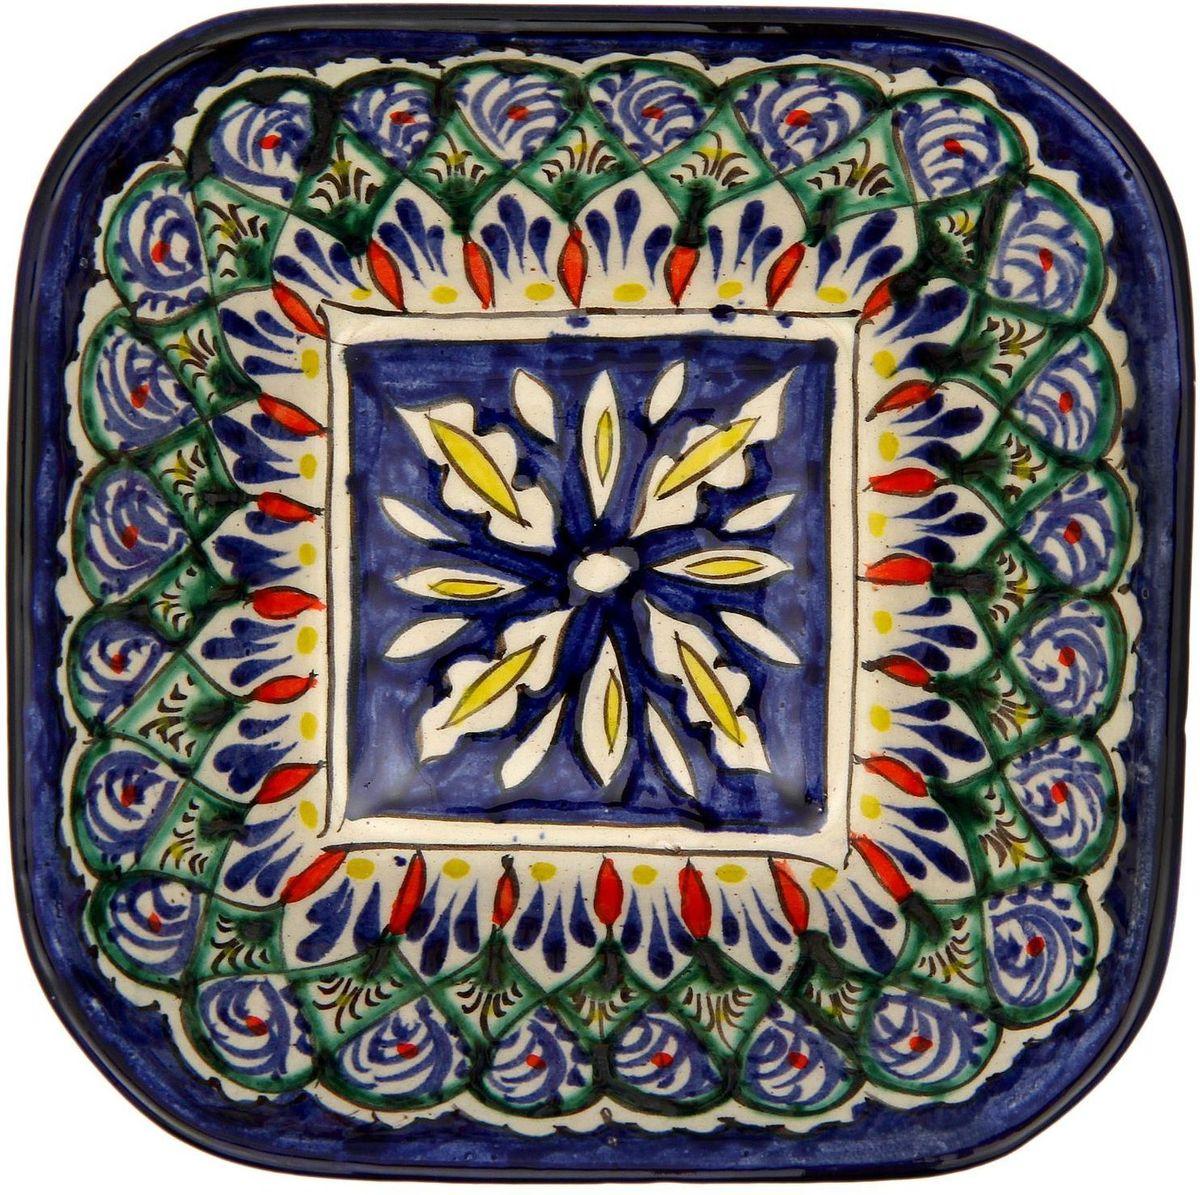 Салатница Риштанская керамика, 14 х 14 см2138709Узбекская посуда известна всему миру уже более тысячи лет. Ей любовались царские особы, на ней подавали еду шейхам и знатным персонам. Формула глазури передаётся из поколения в поколение. По сей день качественные изделия продолжают восхищать своей идеальной формой.Данный предмет подойдёт для повседневной и праздничной сервировки. Дополните стол текстилем и салфетками в тон, чтобы получить элегантное убранство с яркими акцентами.